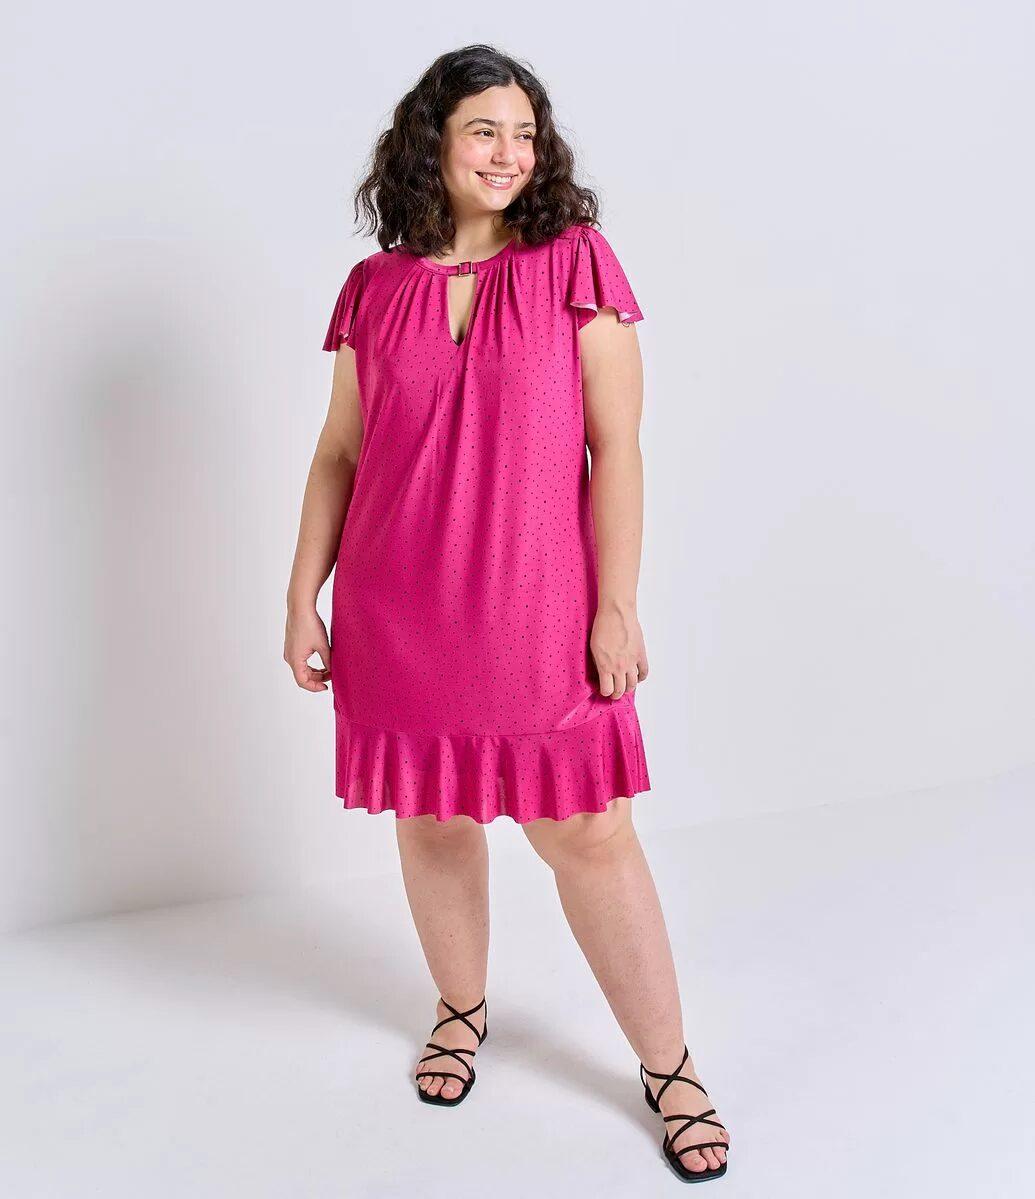 1612584553 279 echa un vistazo a las opciones para comprar y 30 - 40 modelos de vestidos rosas para un look que no pasa desapercibido